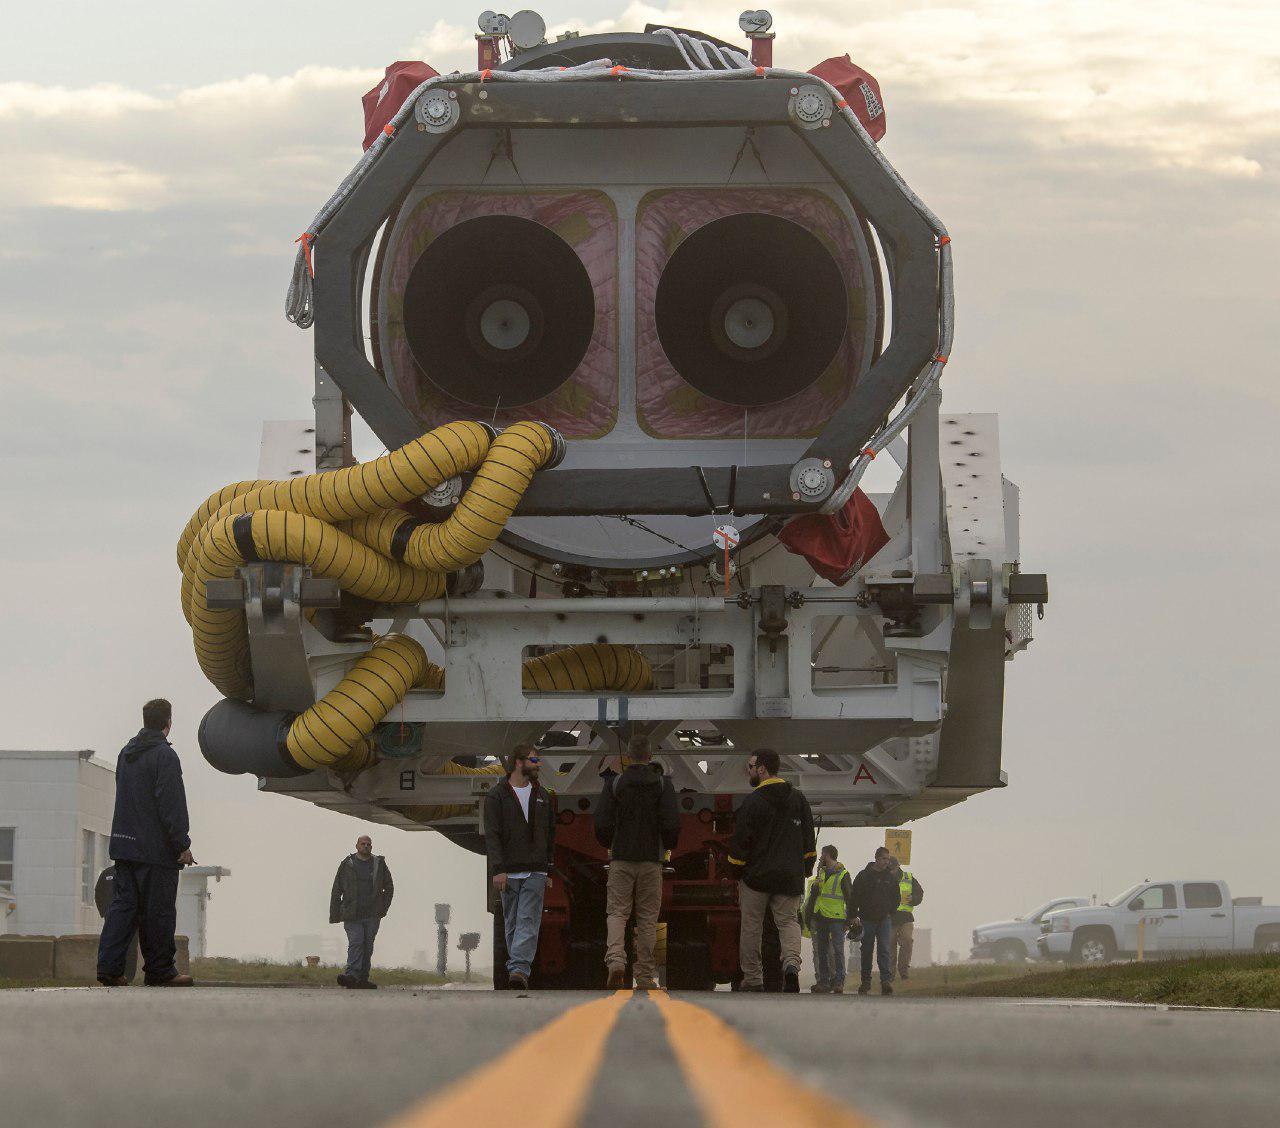 При испытании моторов корабля Crew Dragon появились неполадки